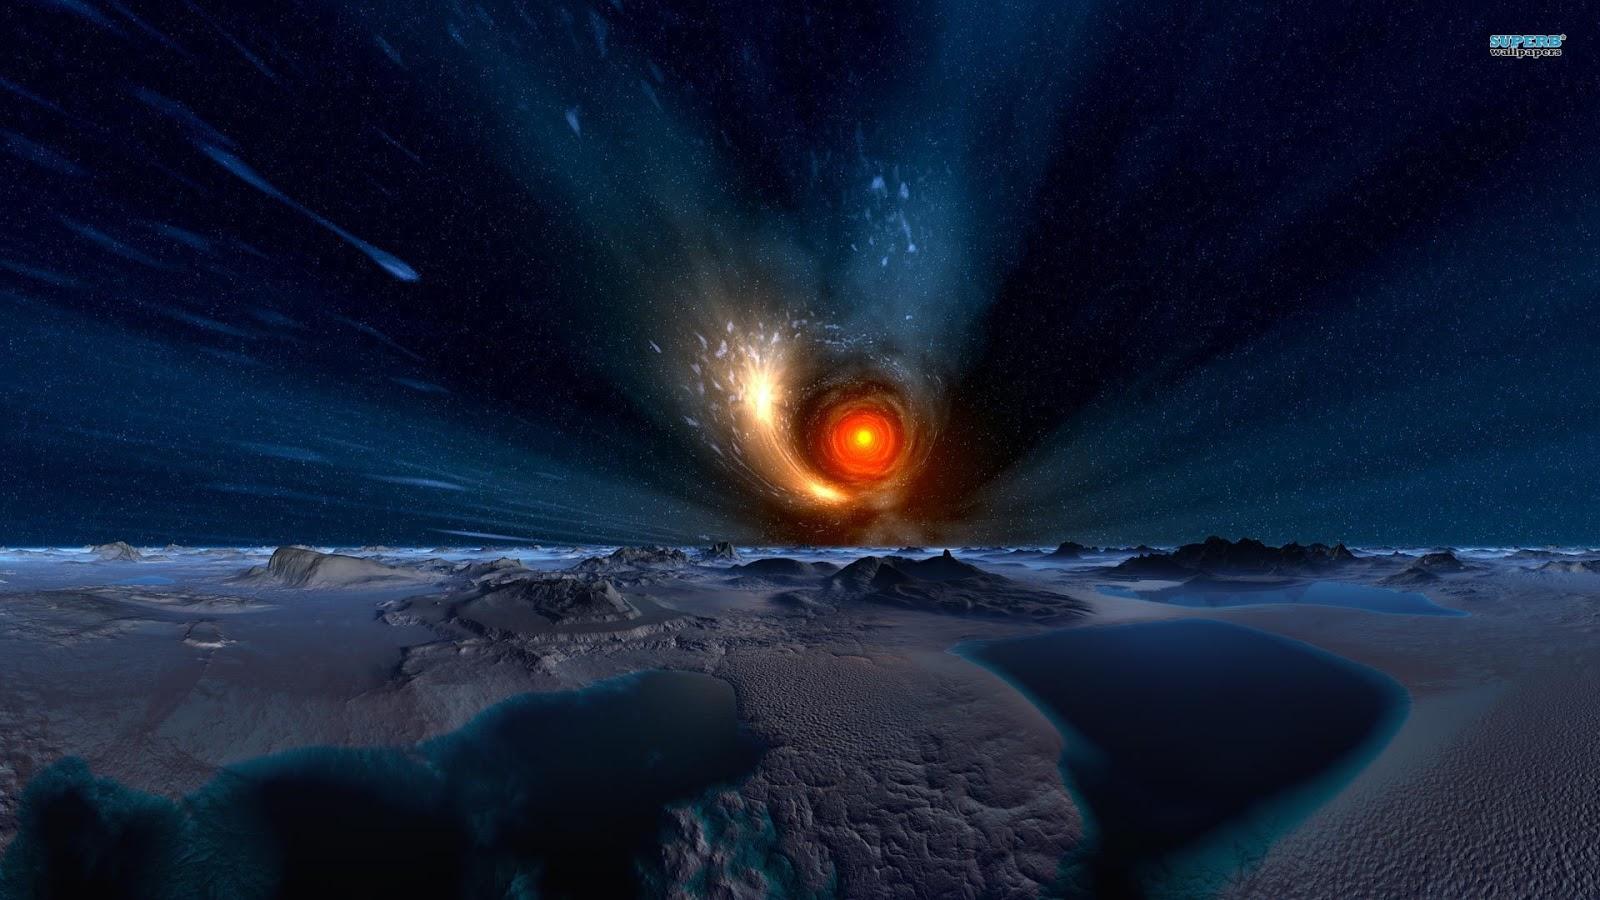 http://2.bp.blogspot.com/-bAeuqI9-bSs/UQzzrMTrzoI/AAAAAAAAGQk/ynNbDiVMTao/s1600/wormhole-6563-1920x1080.jpg